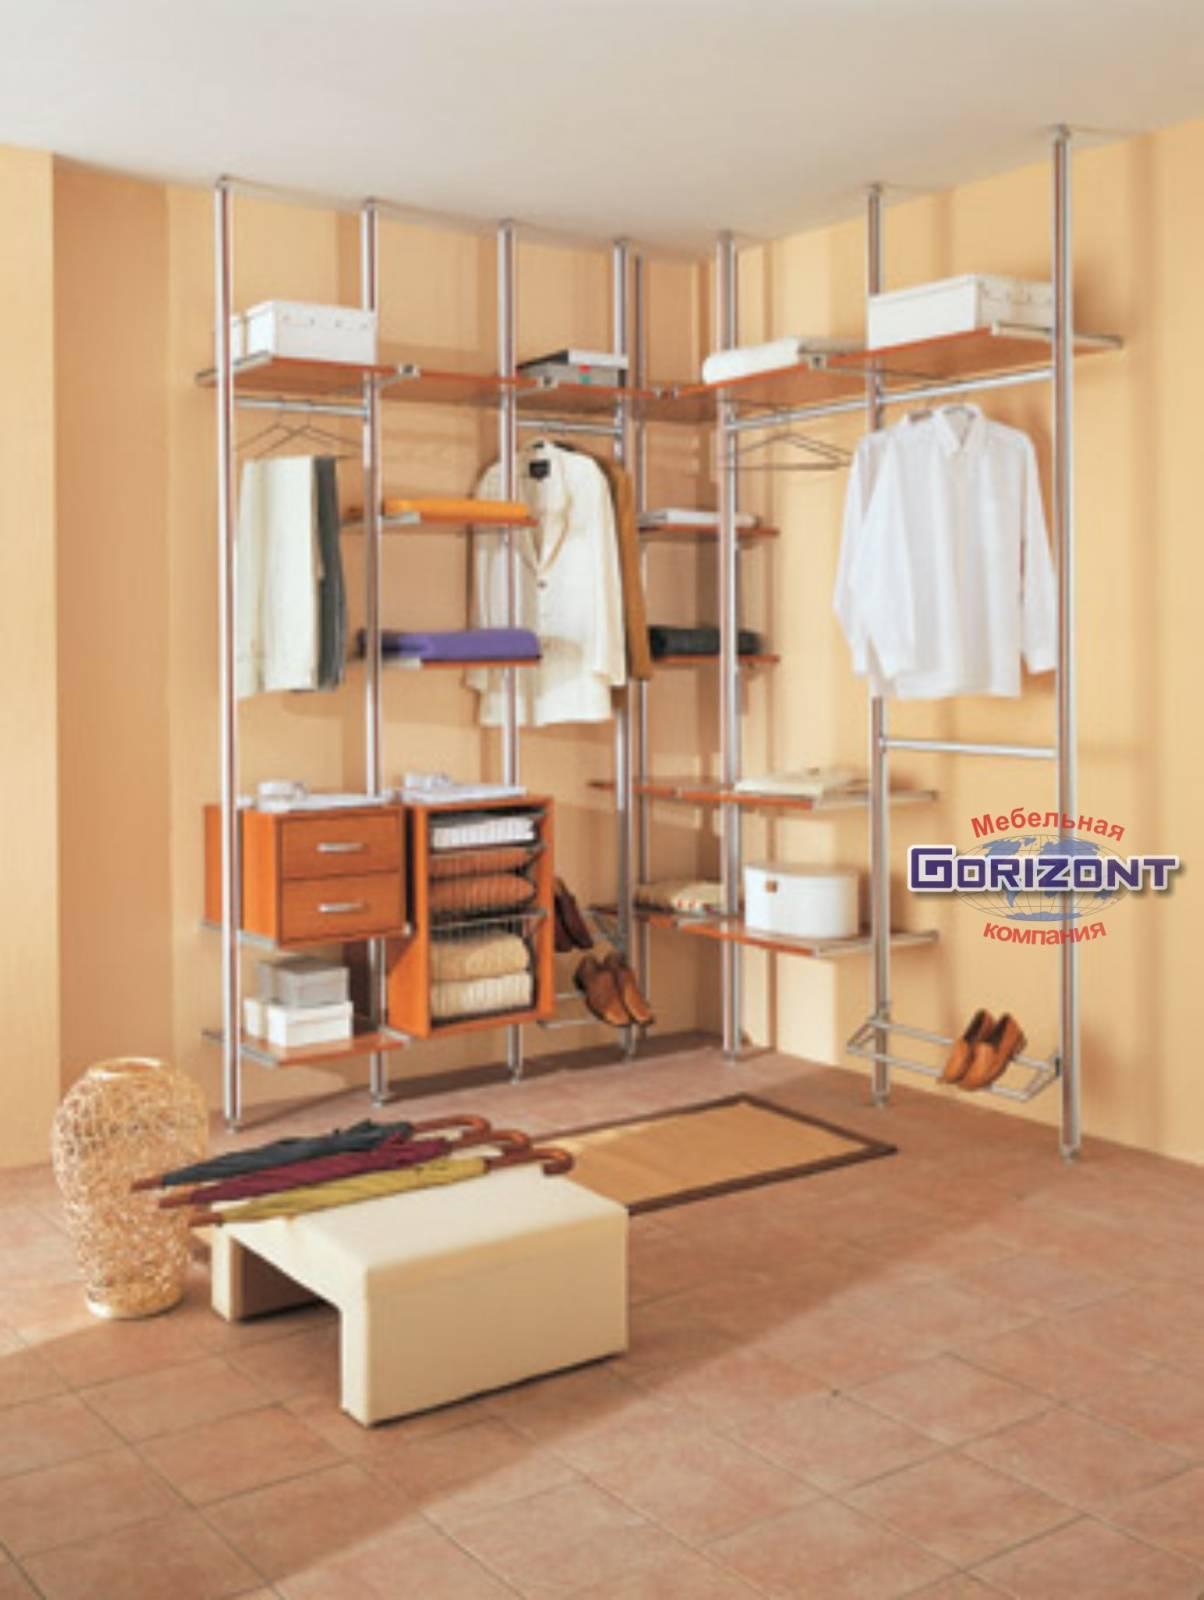 Гардеробные системы аристо (aristo) фотогаллереи гардеробных.